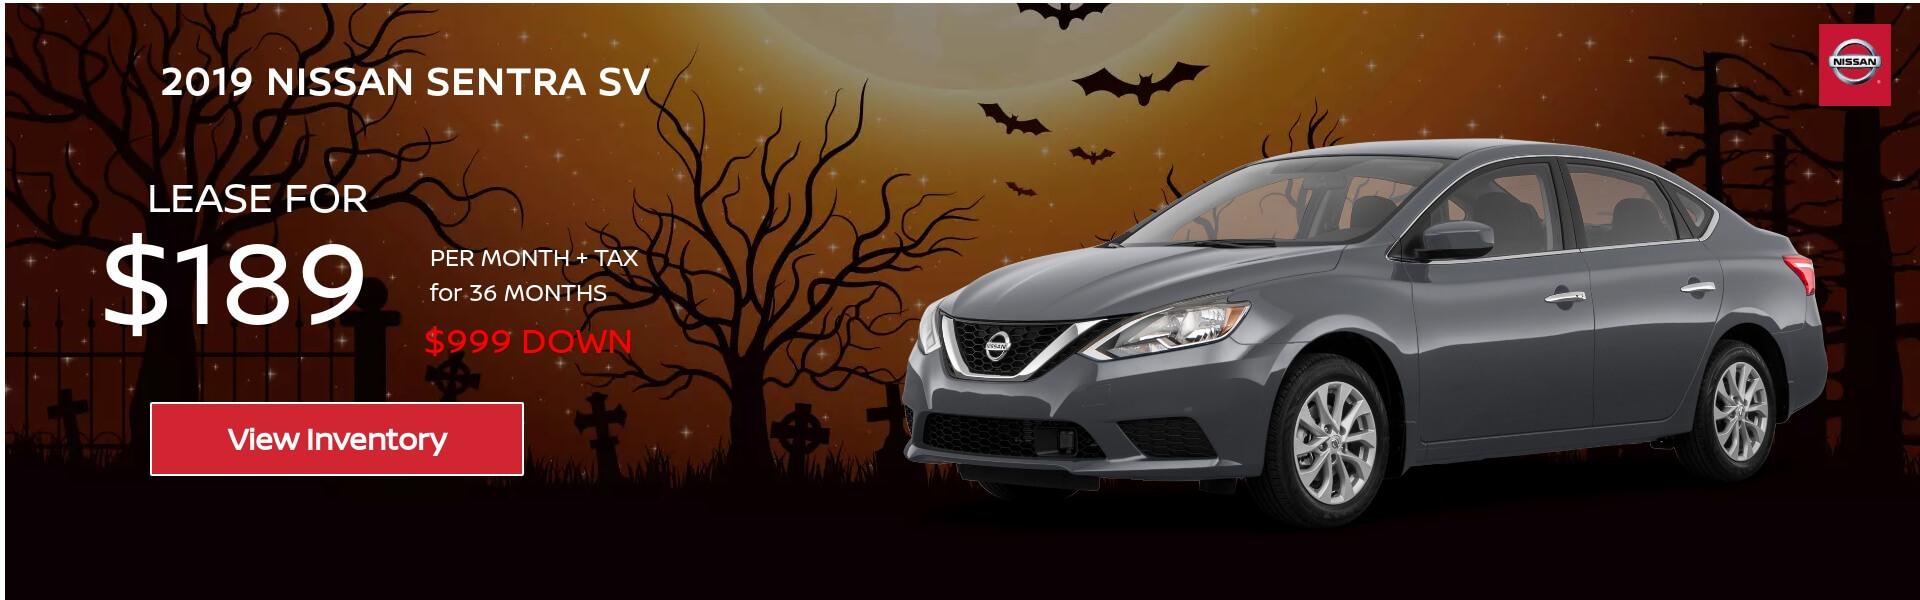 Nissan Sentra SV $135 Lease